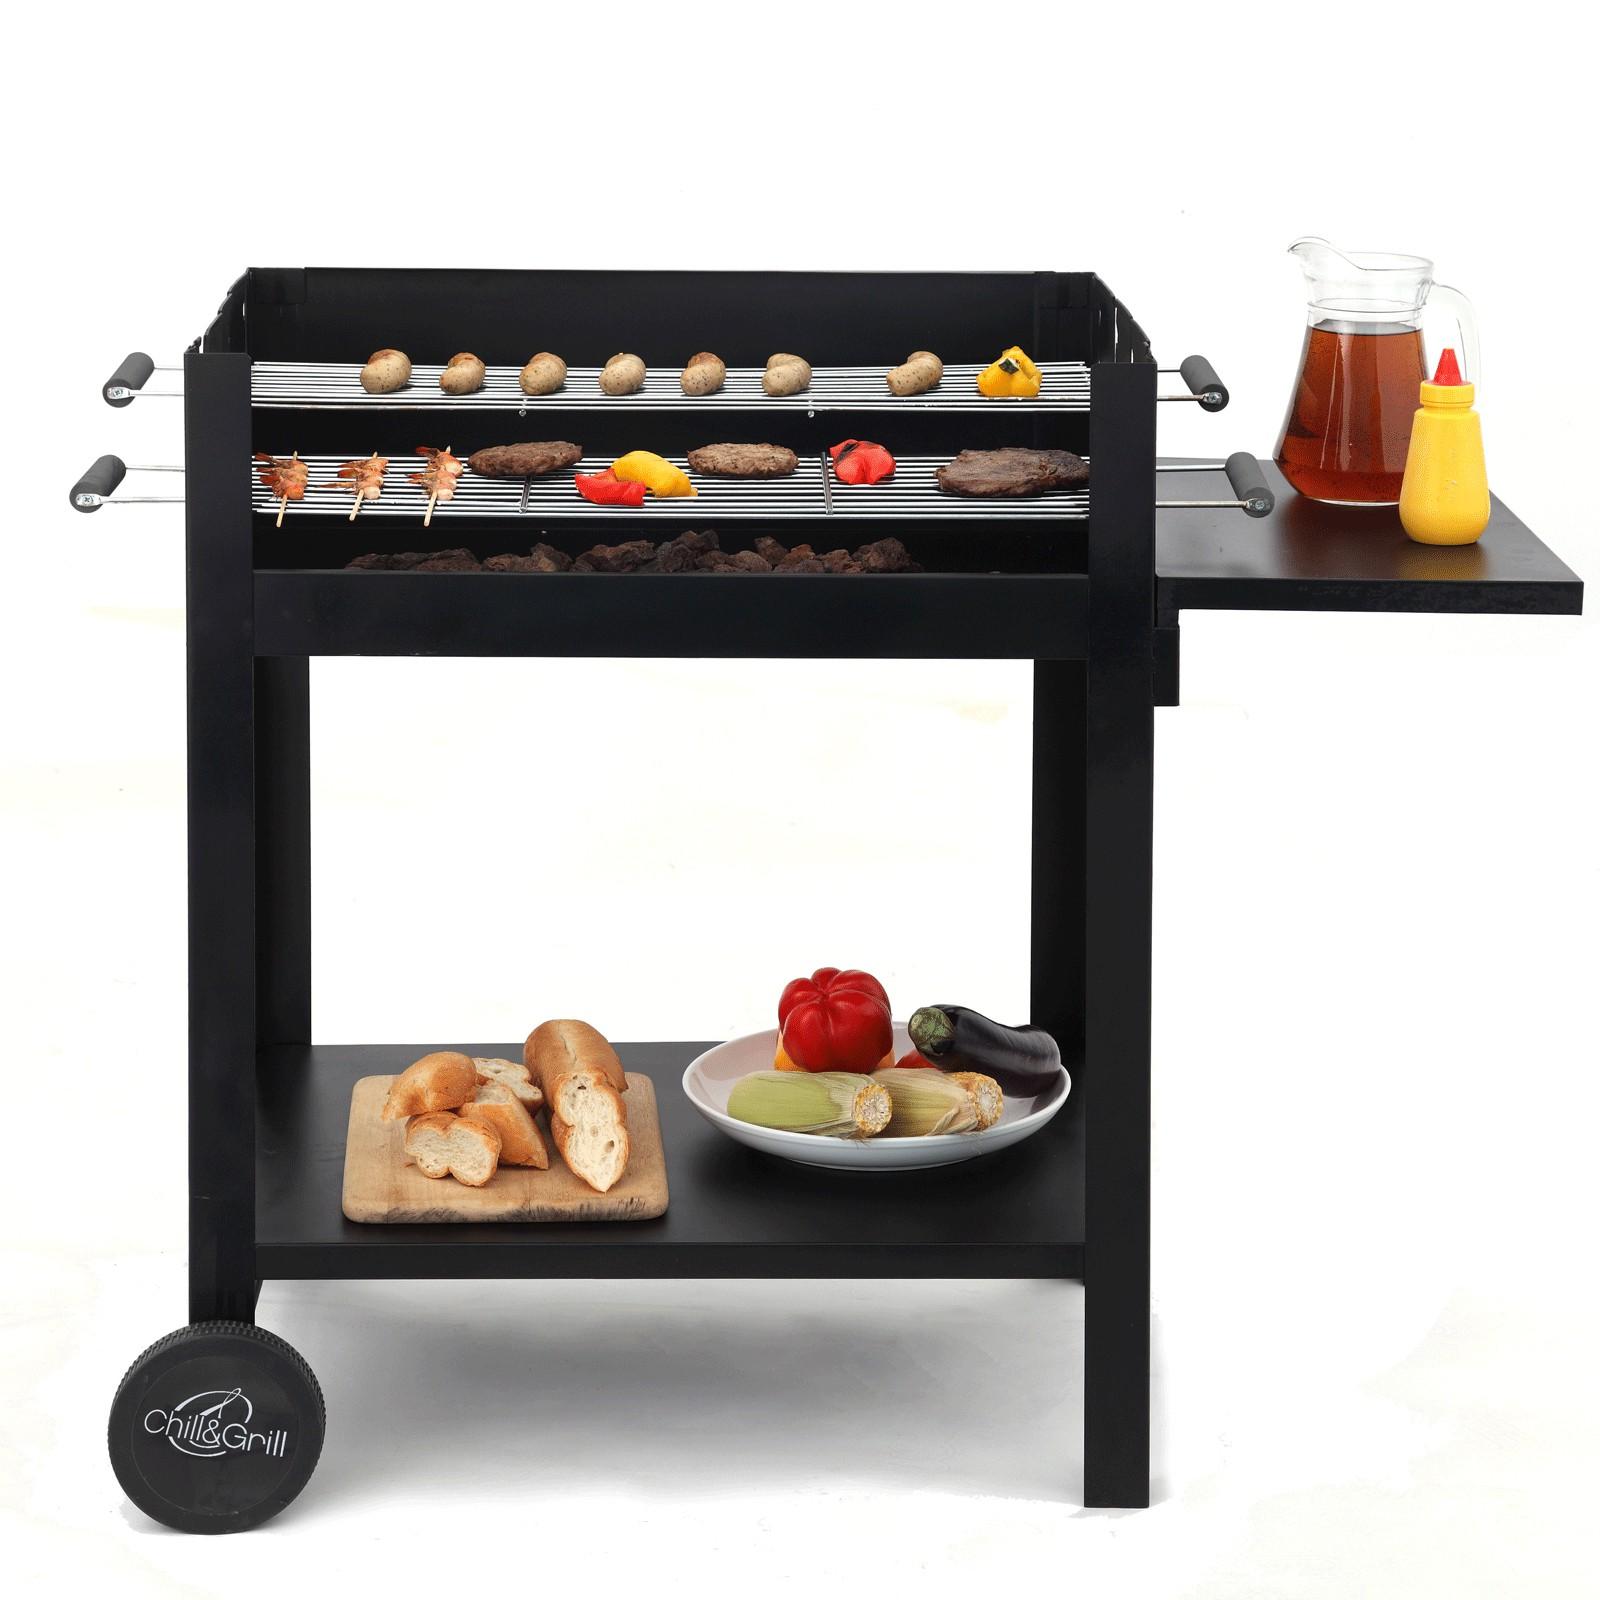 tepro holzkohlengrill chill grill kohlegrill grillwagen. Black Bedroom Furniture Sets. Home Design Ideas